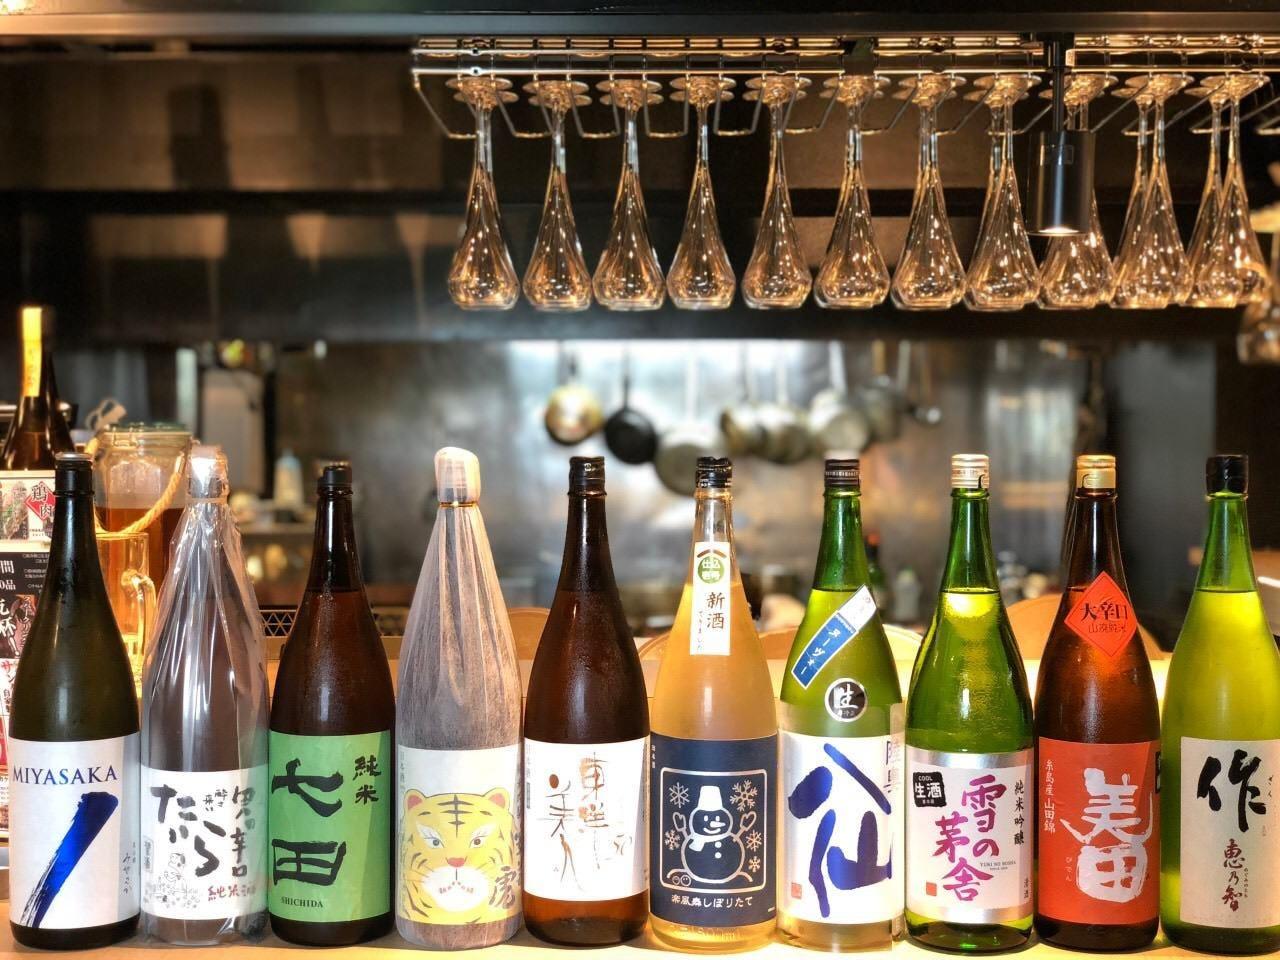 日替わりで変わる日本酒8品